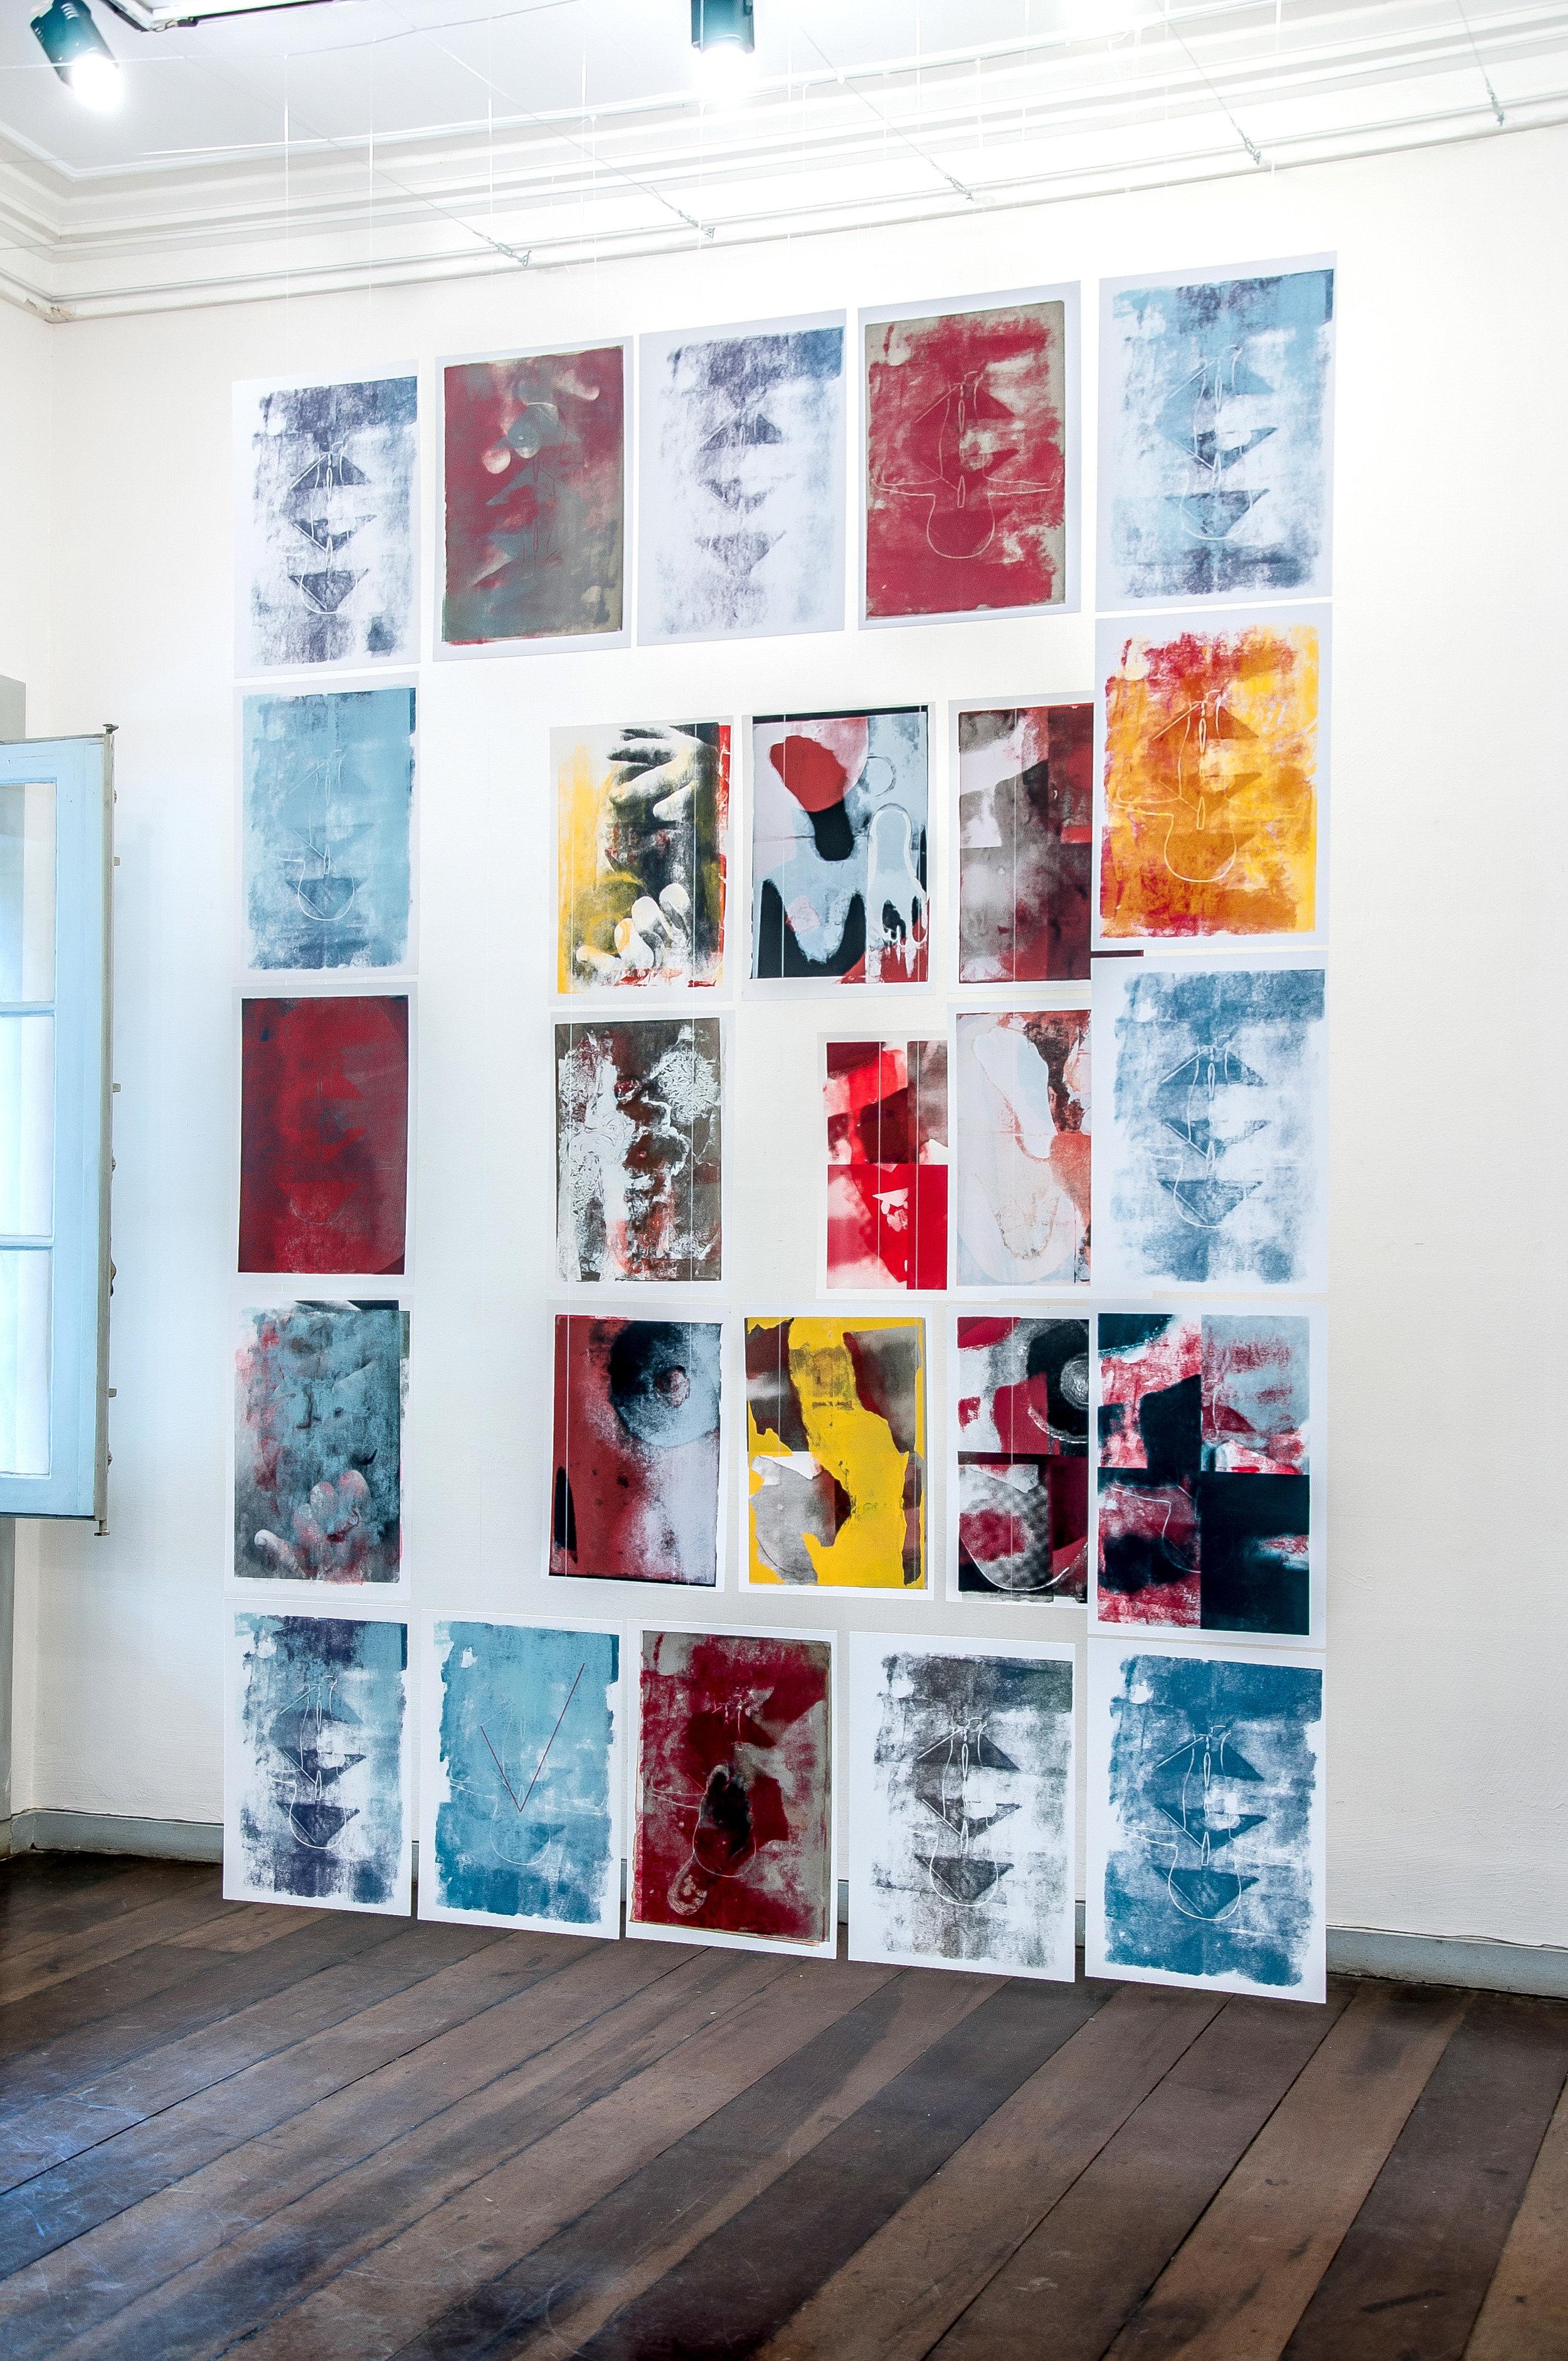 Instalação de Arte Contemporânea Caminho da Palavra - Ana Biolchini - Brasil